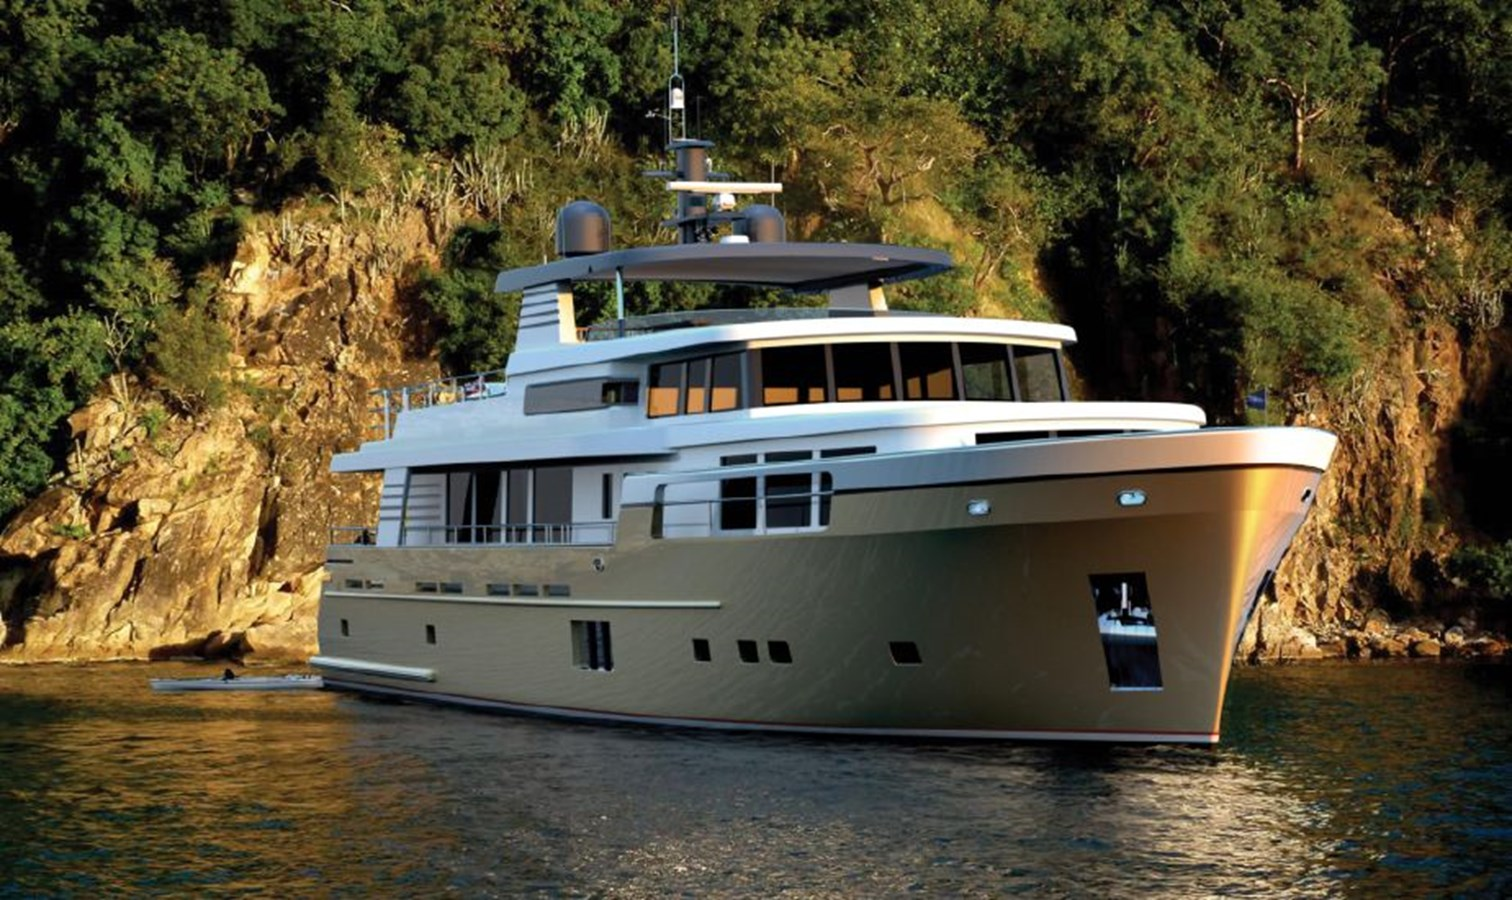 2017 VAN DER VALK Continental Trawler For Sale